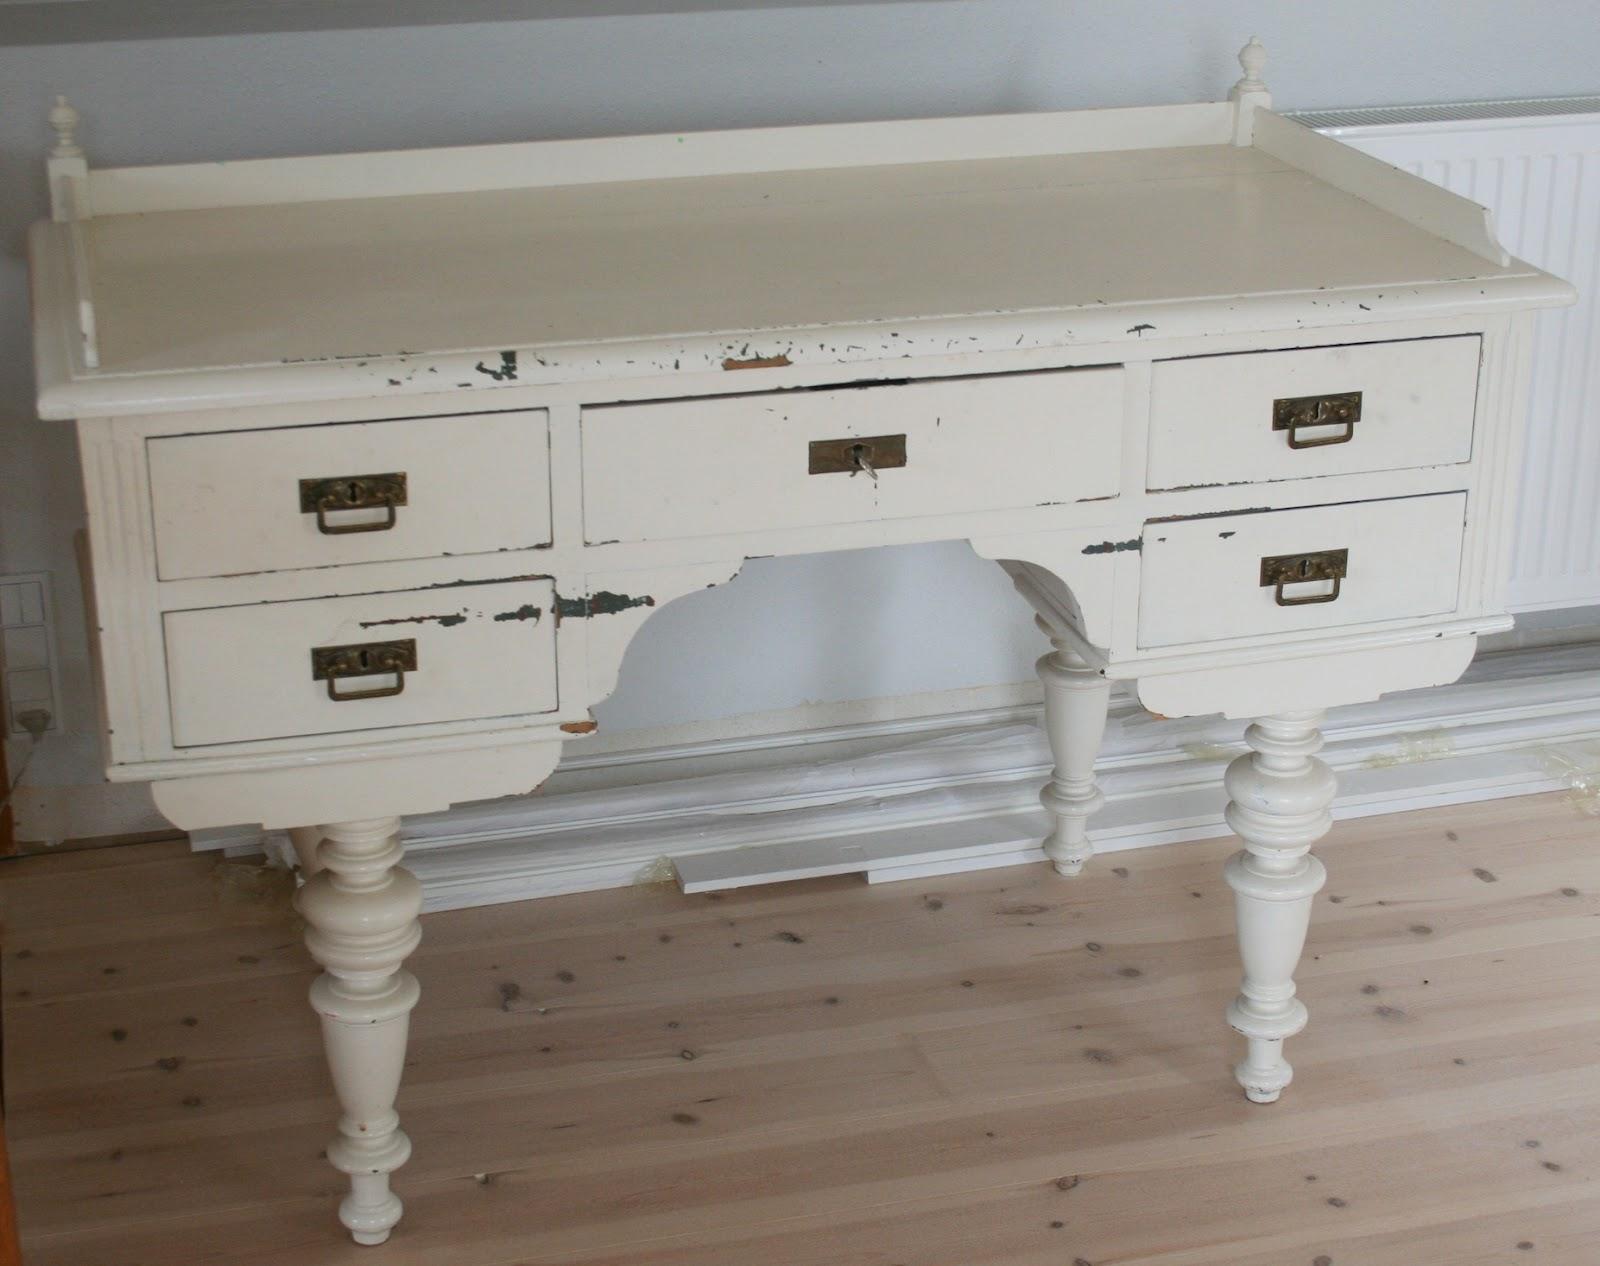 Populære KrudtuglensMor: Antikt skrivebord og hjemmelavet legestativ til salg! SJ-83